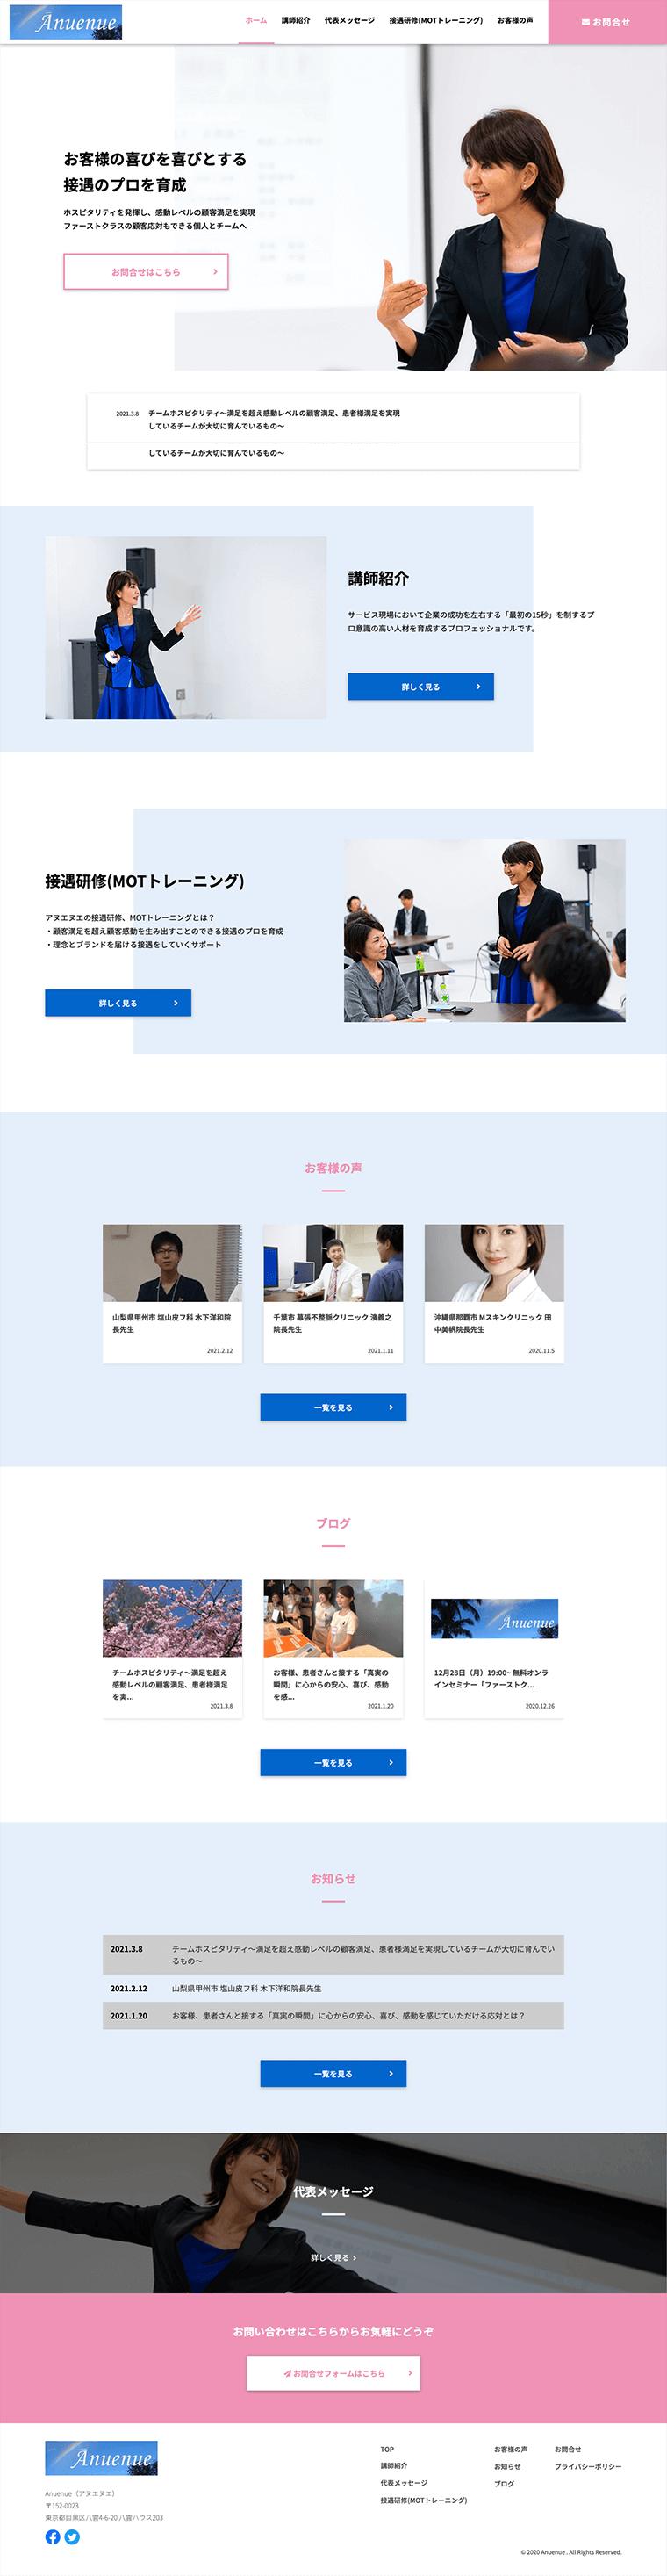 Webマーケティング_制作実績_アヌエヌエ_2